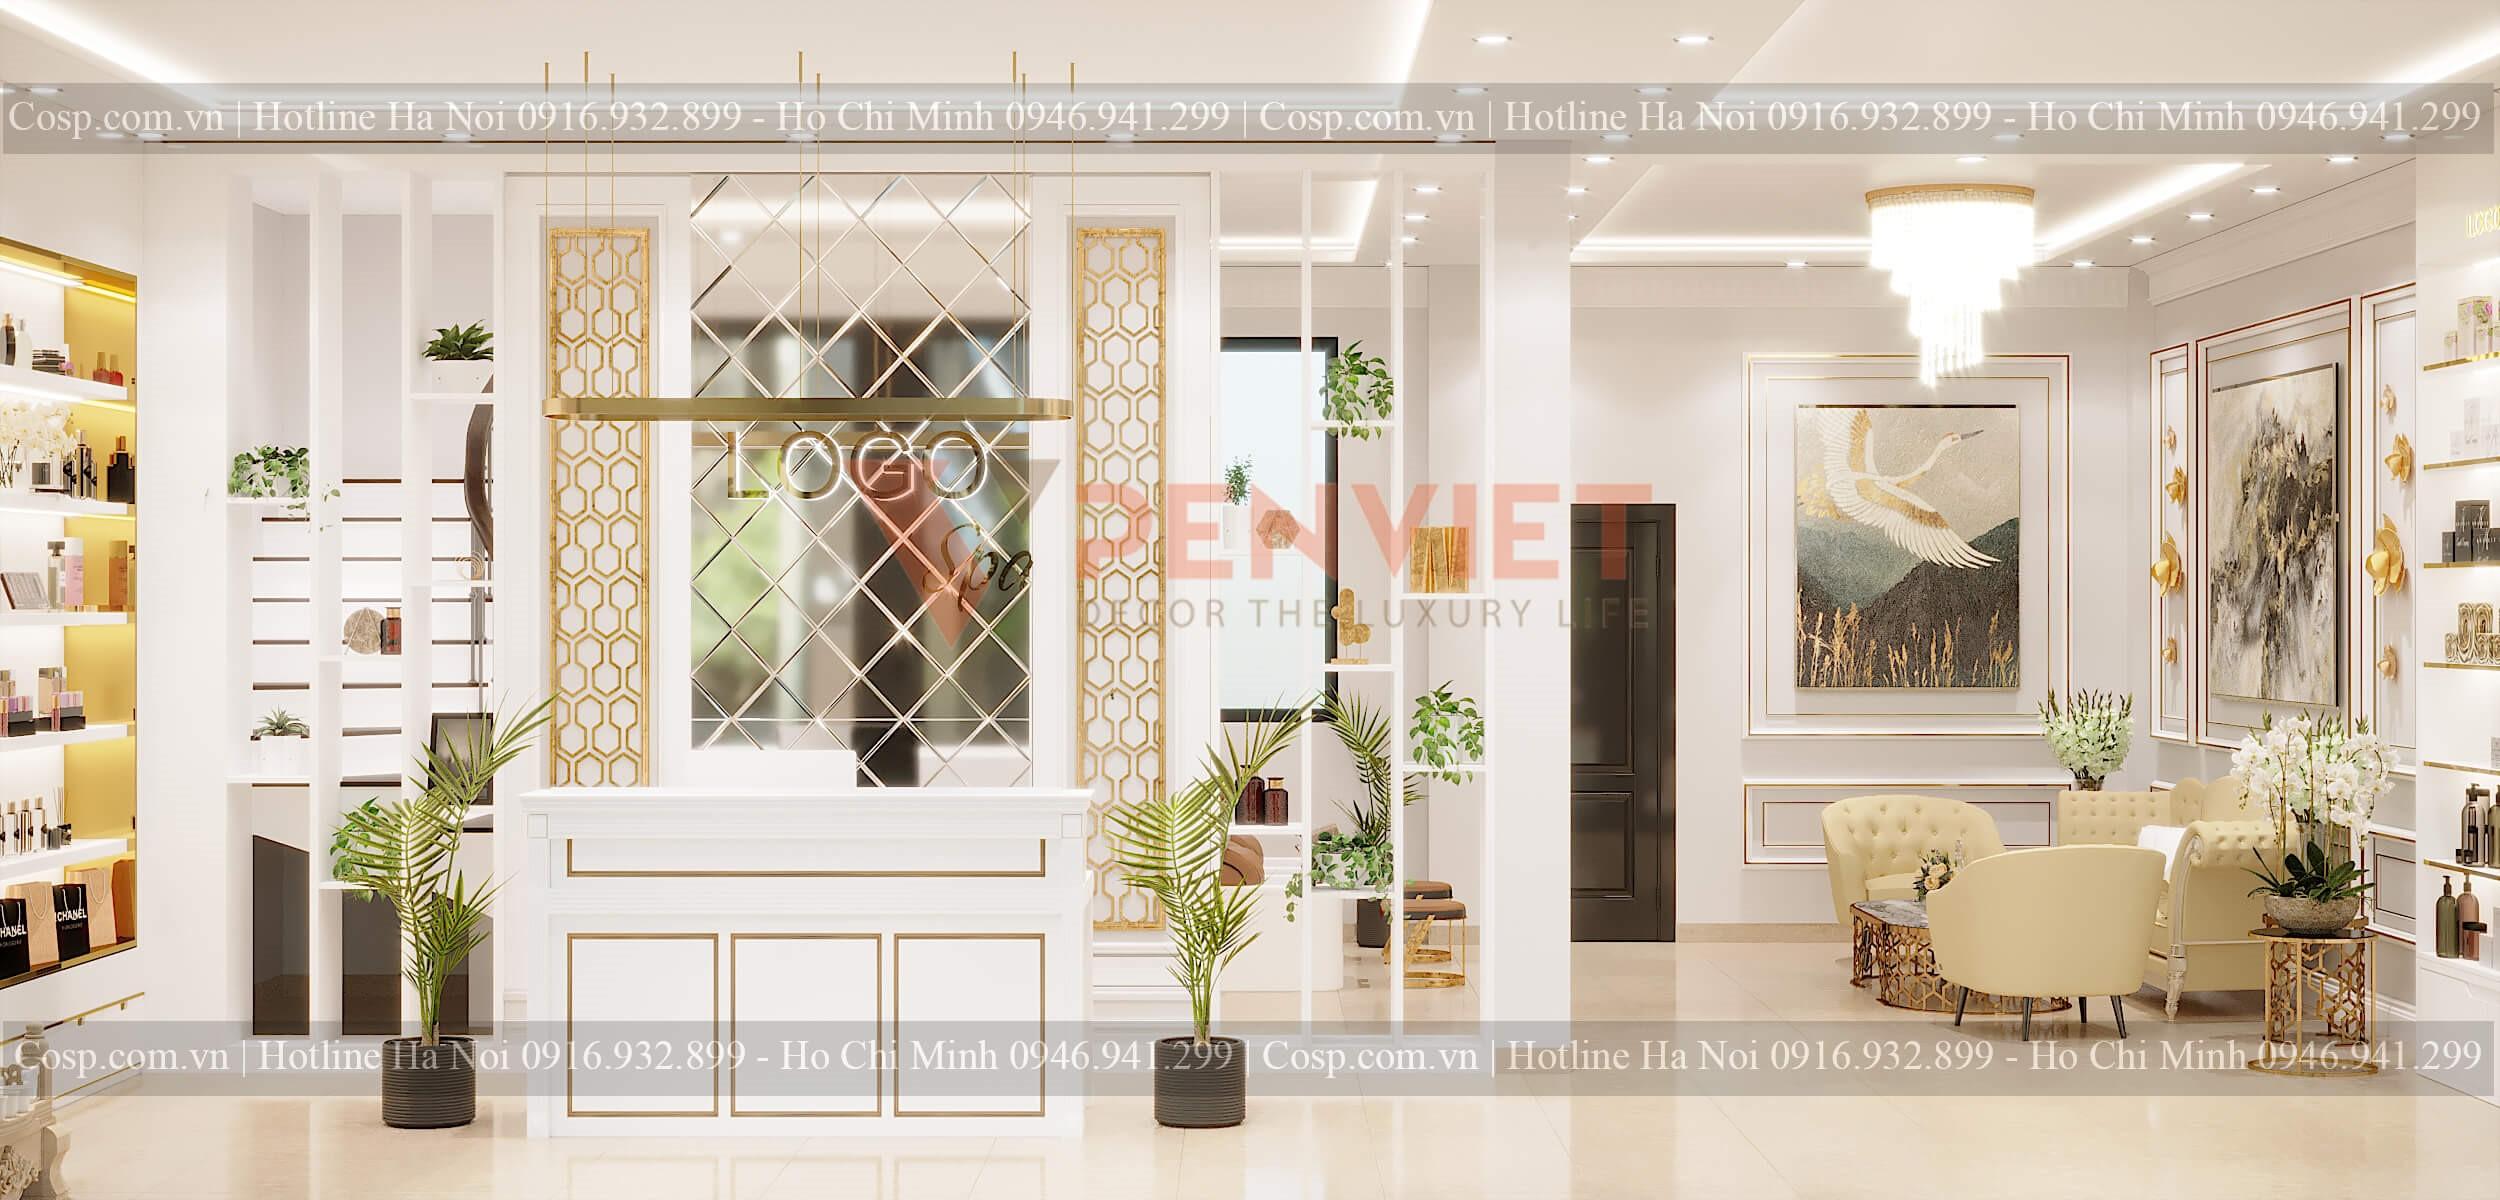 Thiết kế spa ấn tượng góp phần tạo dựng thương hiệu cho cơ sở làm đẹp